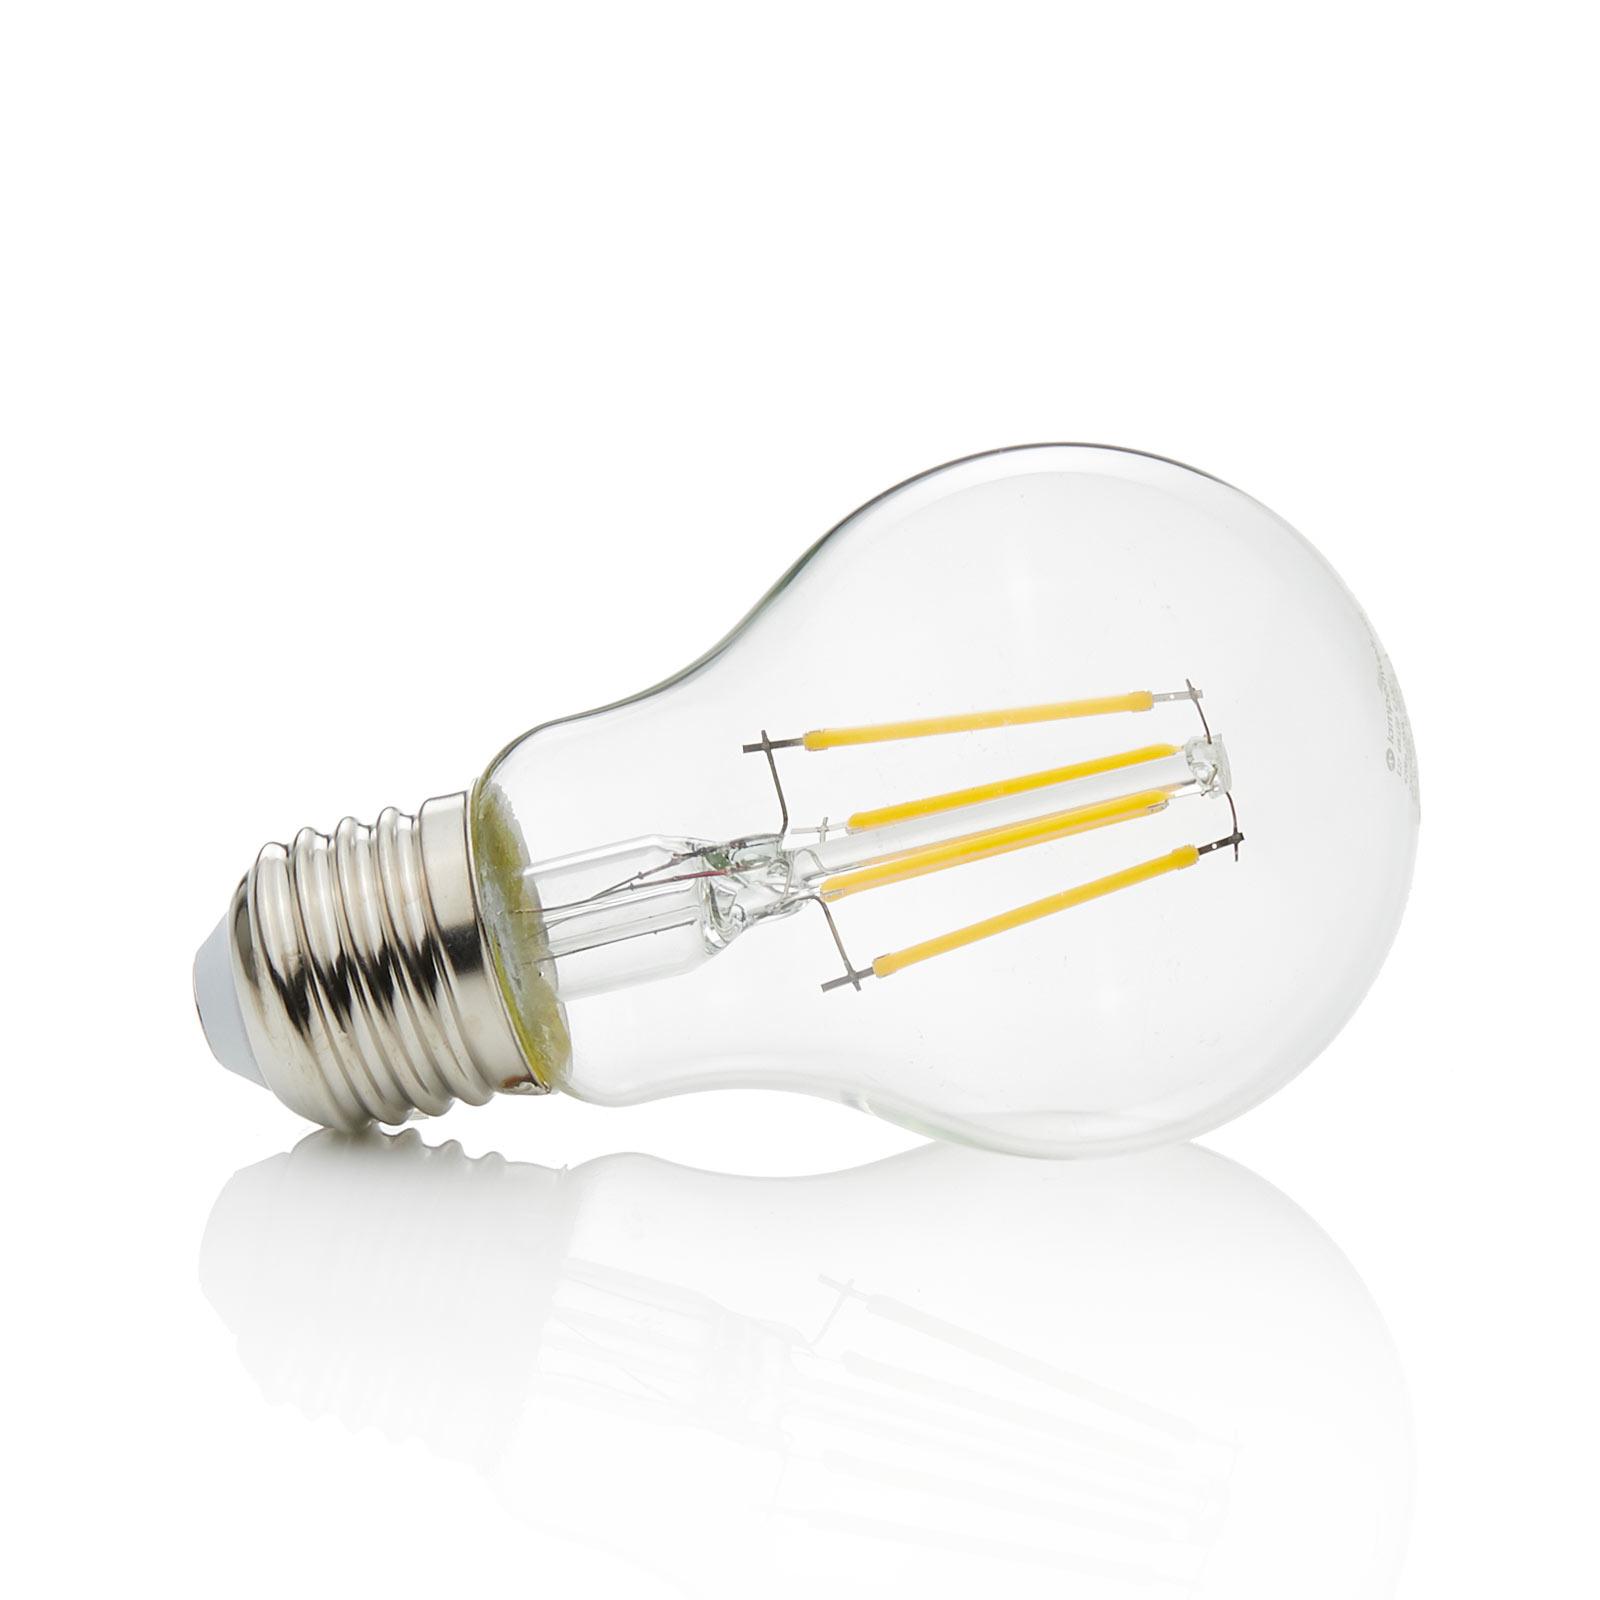 E27 LED-ljus filament 4W, 470 lm, 2700 K, klar